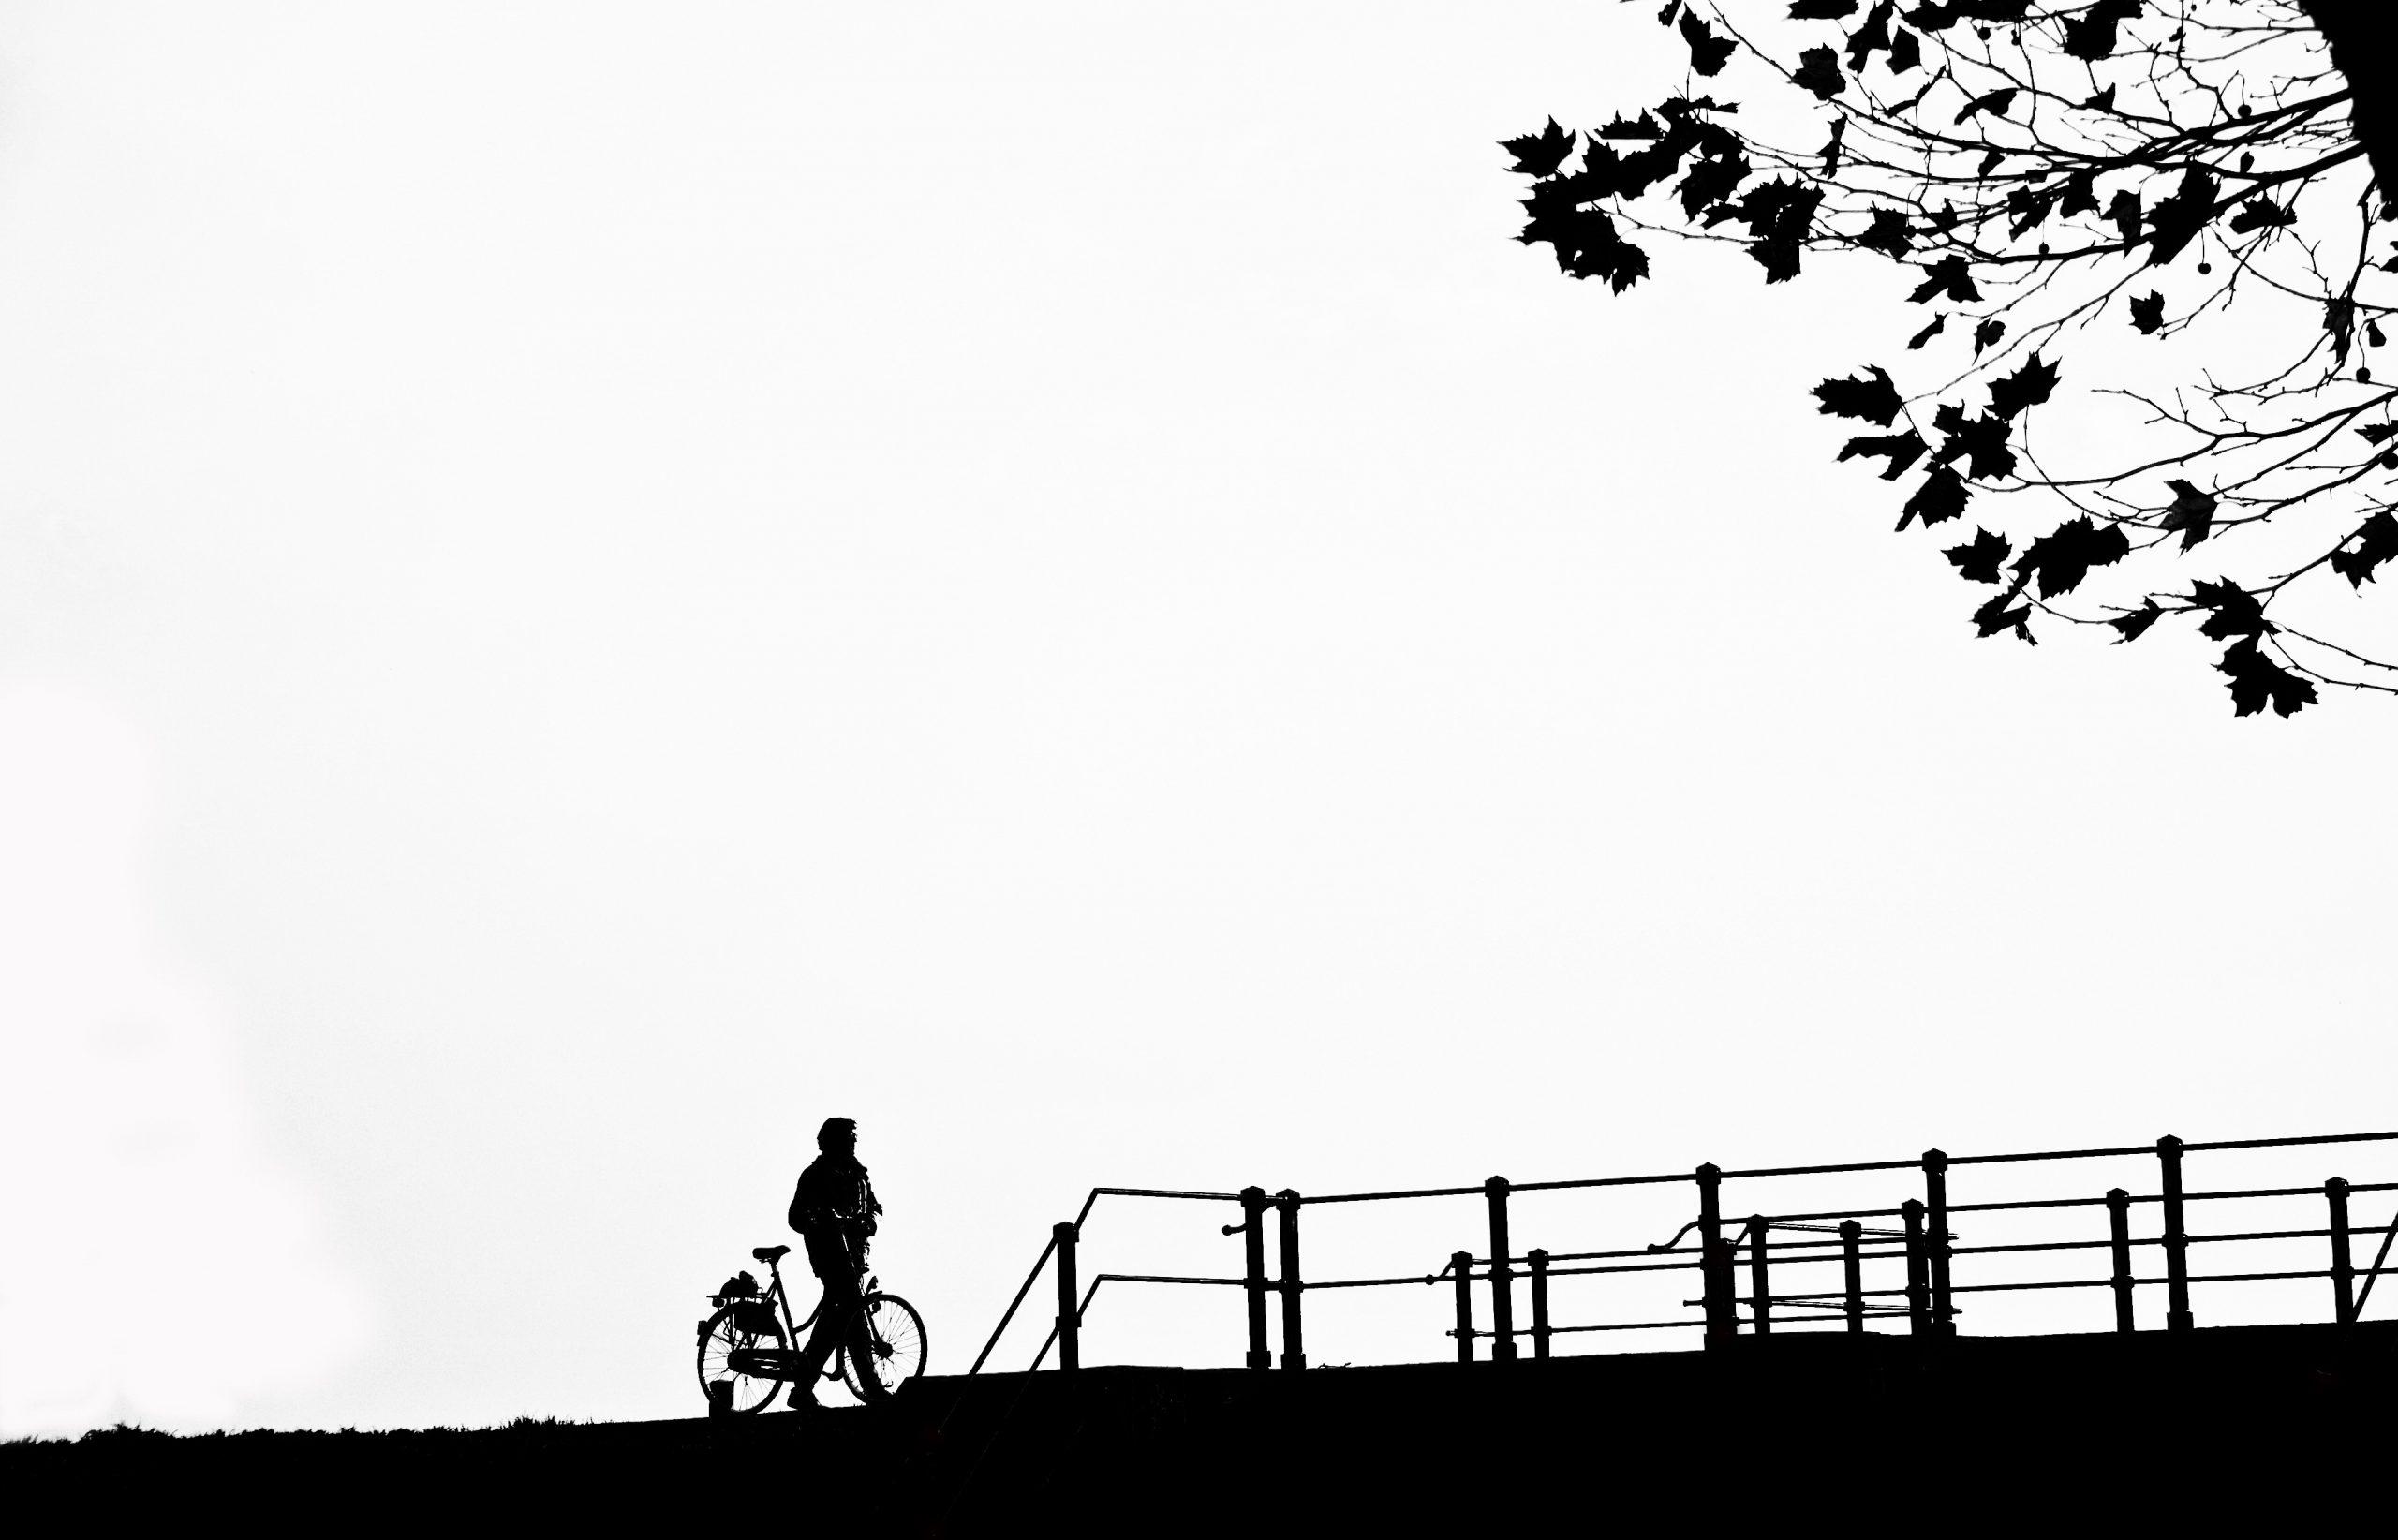 Winnaar-Moen-Garantiemakelaars-Fotowedstrijd-Nieuwegein-2009 Nationale Fotowedstrijd